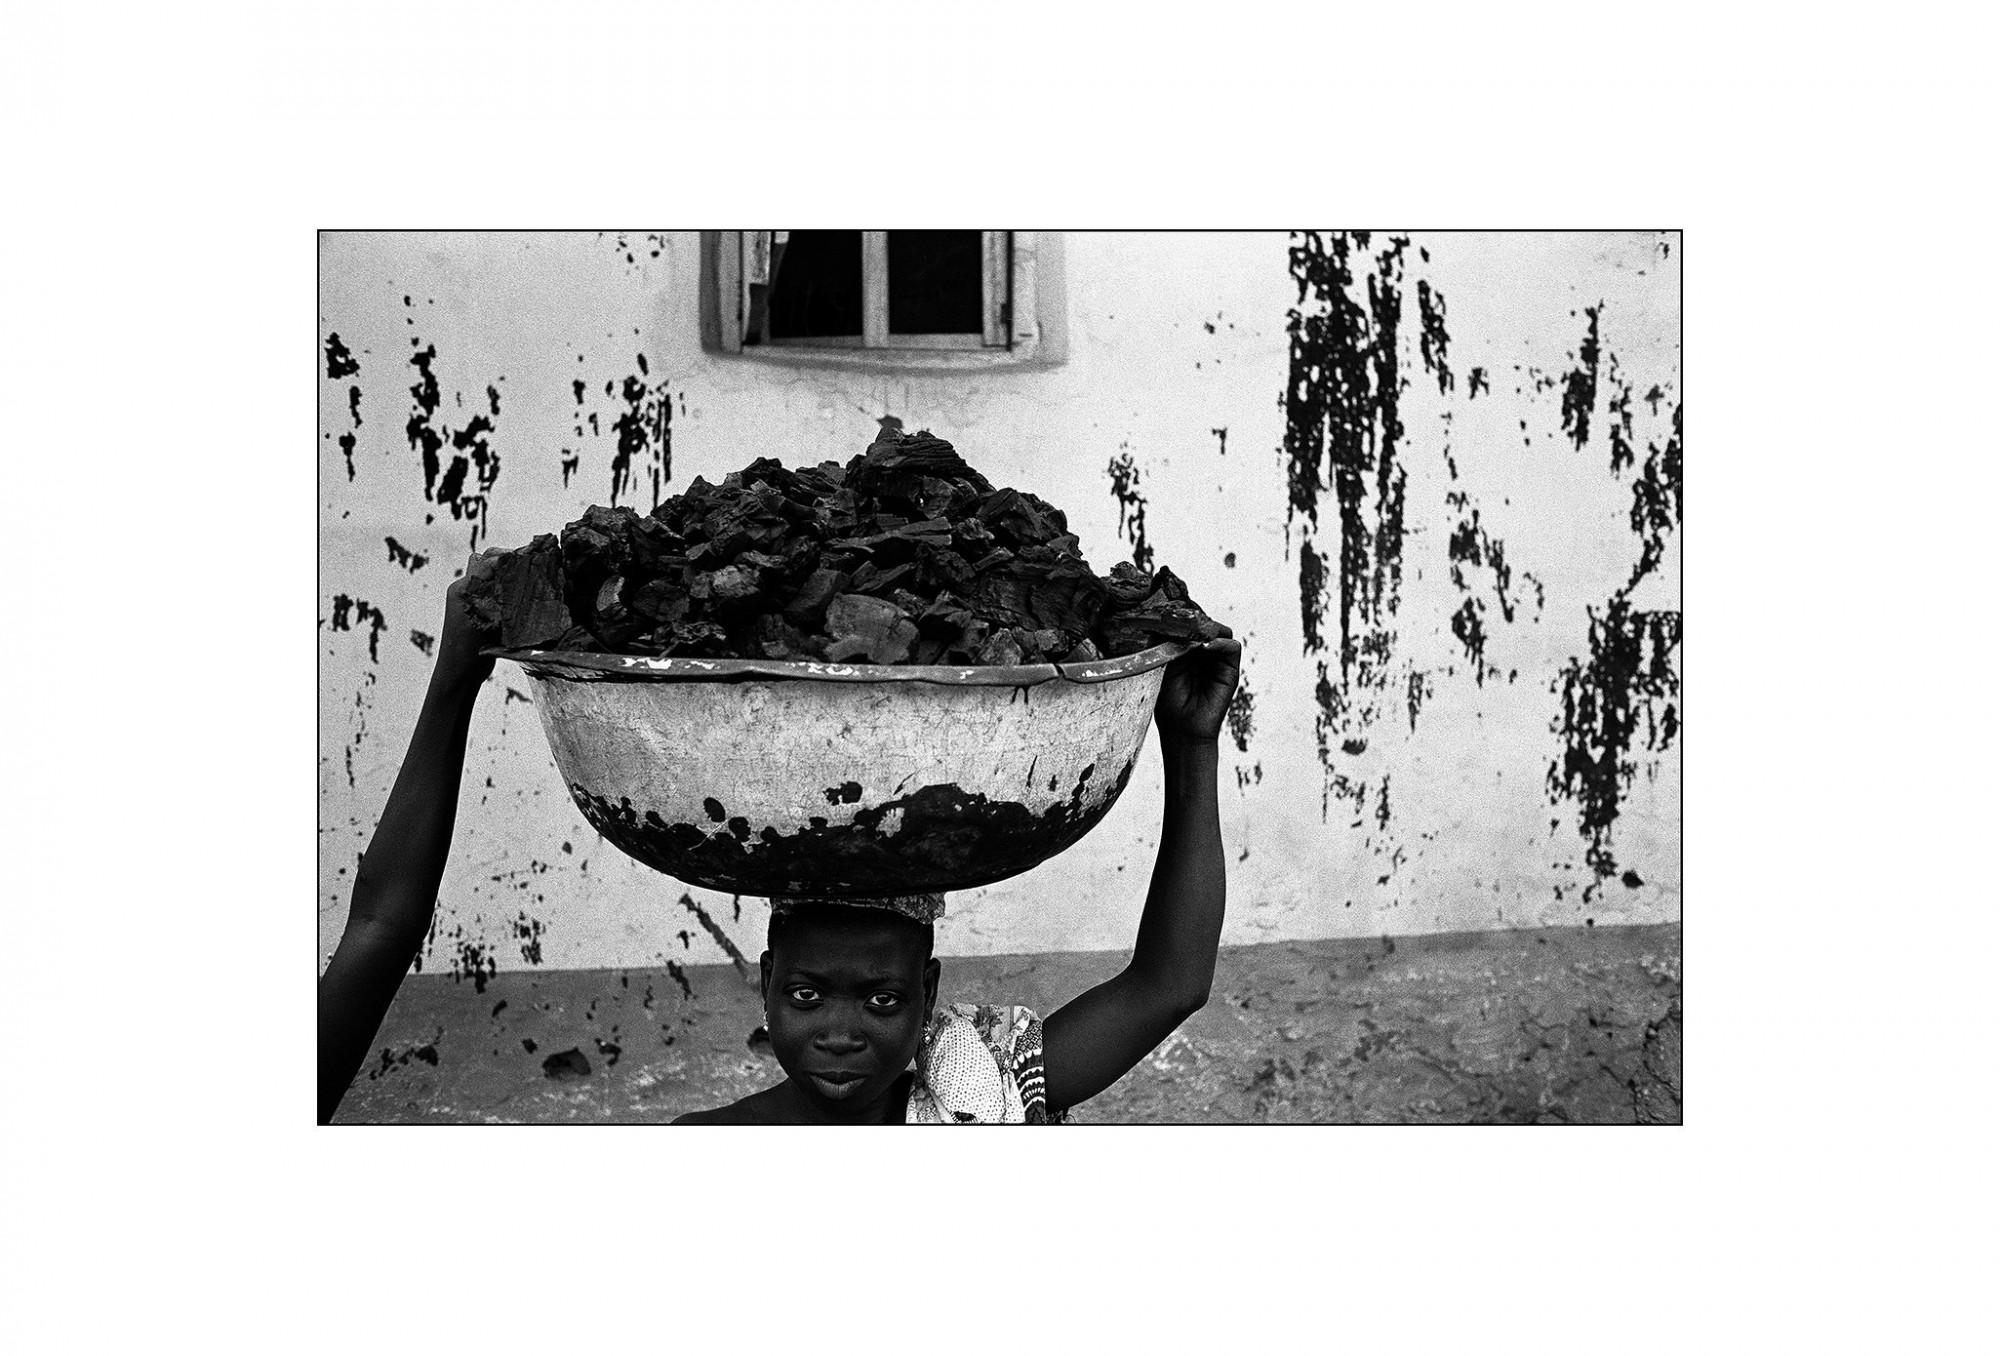 Afbeelding: Fotografie - Art, uit de reeks : De kleur van zwart.Togo, 01-08-23, © Dominique Van Huffel.